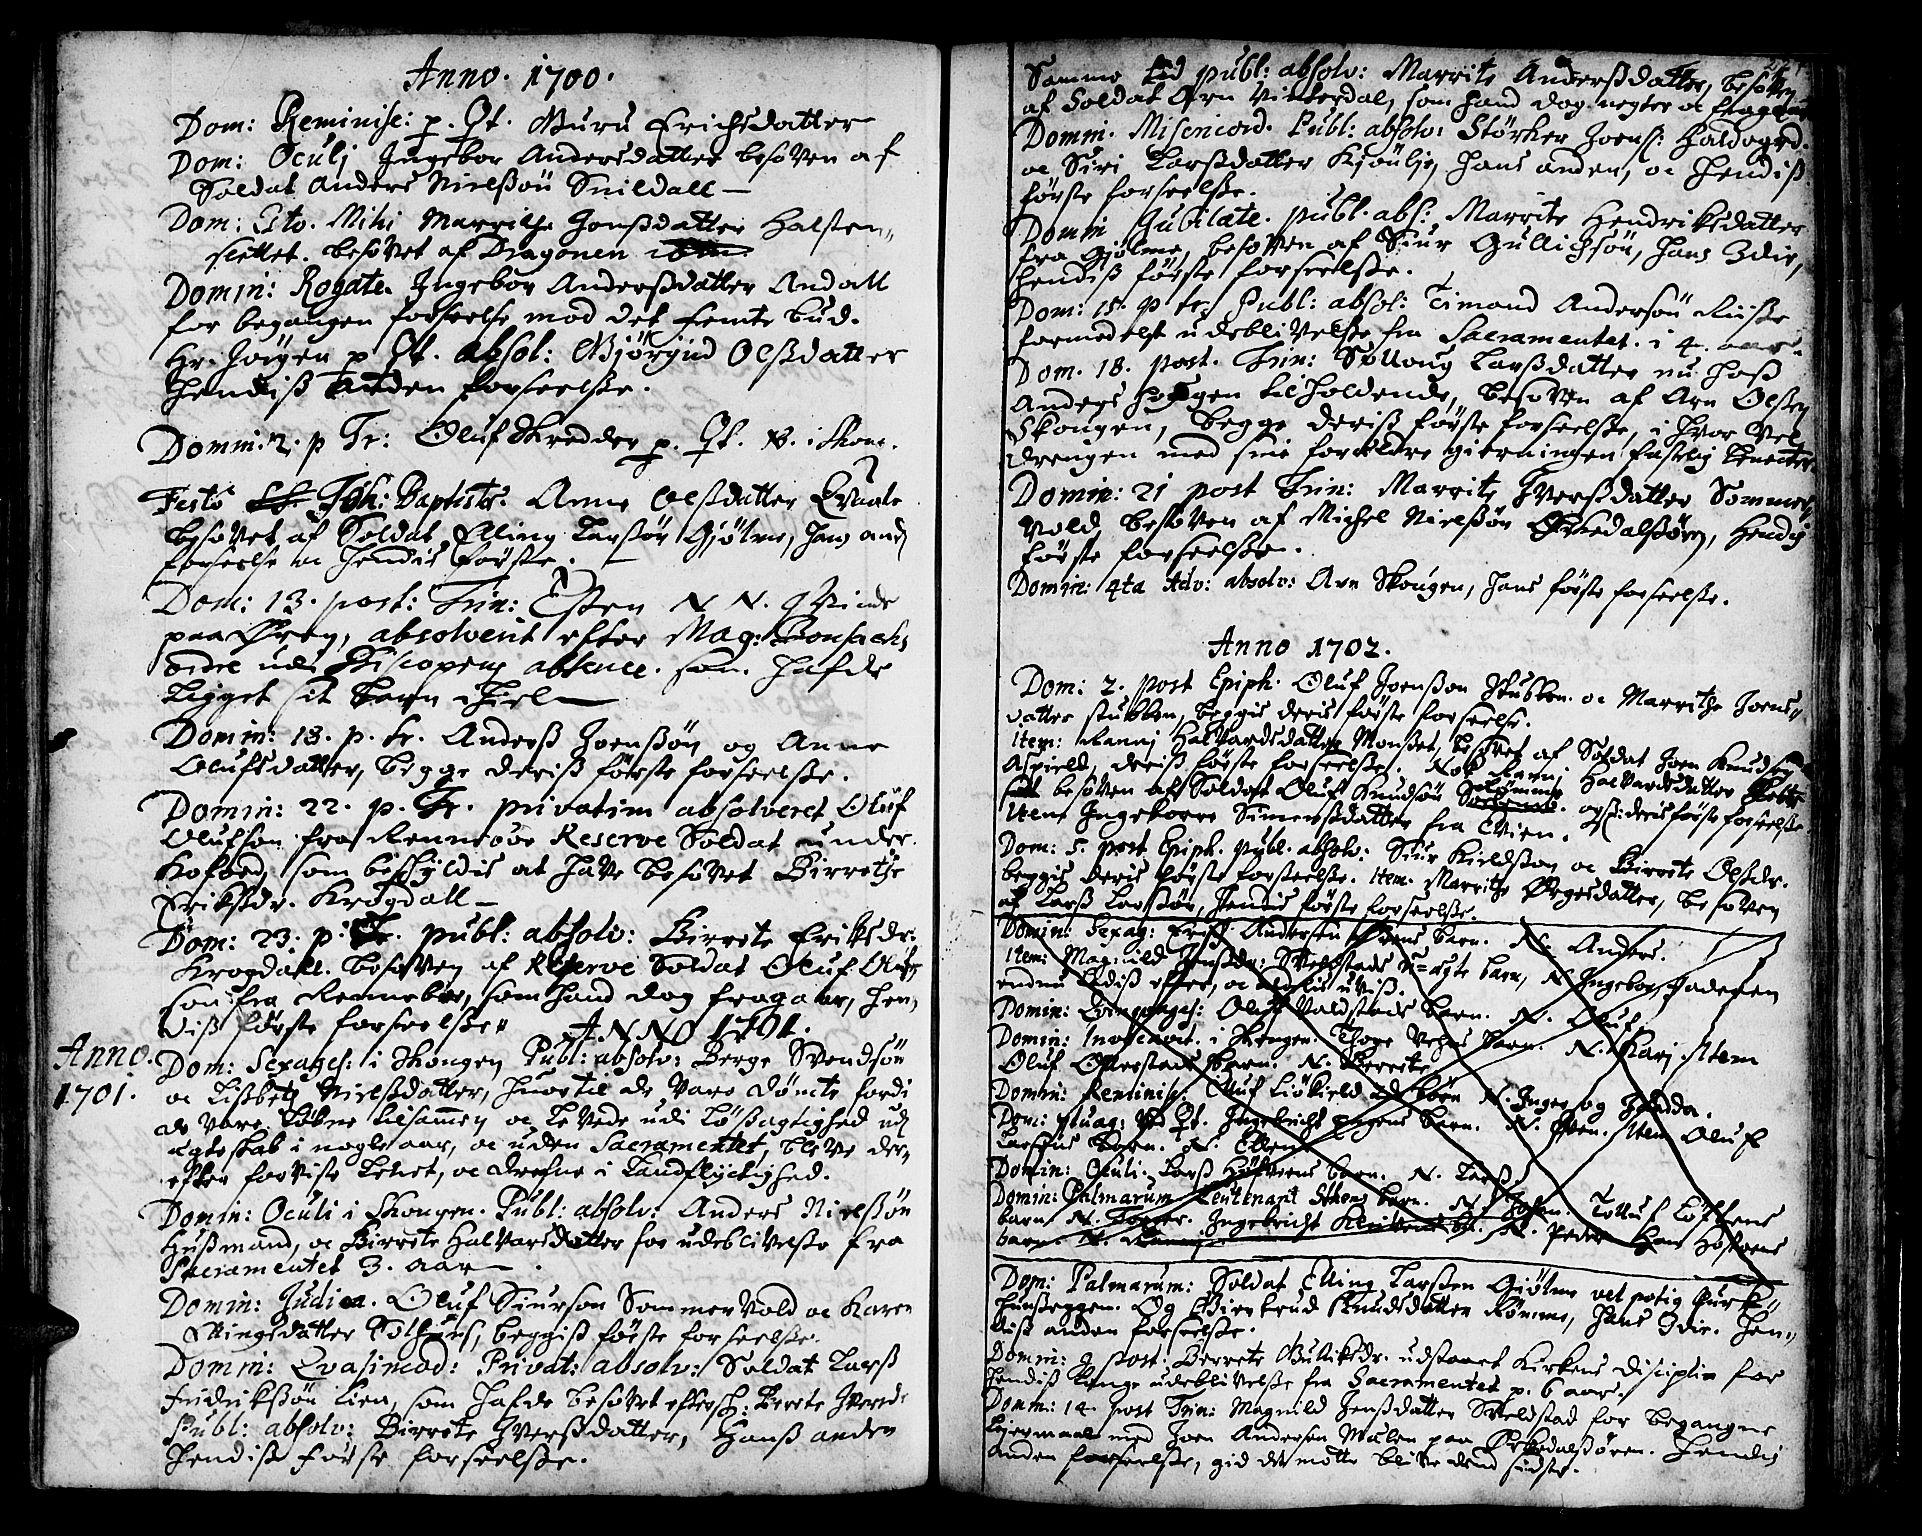 SAT, Ministerialprotokoller, klokkerbøker og fødselsregistre - Sør-Trøndelag, 668/L0801: Ministerialbok nr. 668A01, 1695-1716, s. 226-227